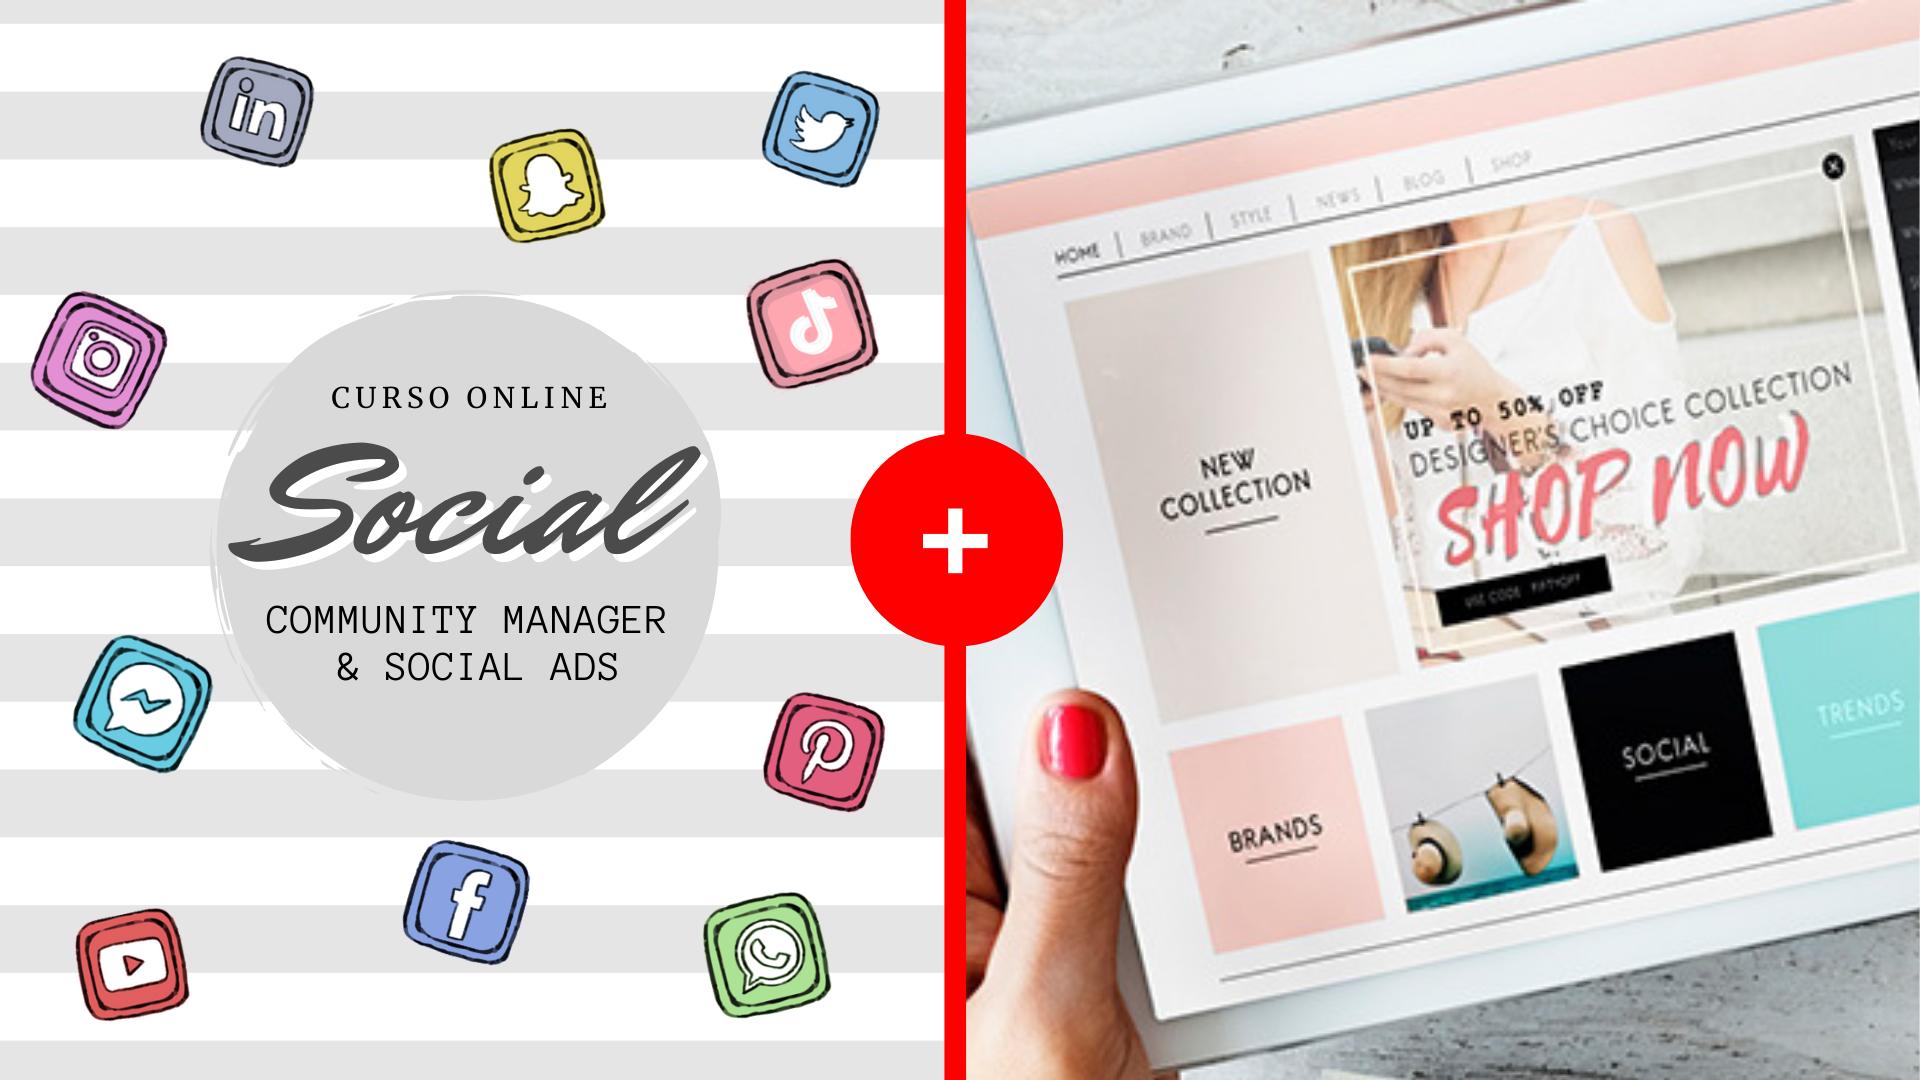 Curso de Social Full + eCommerce